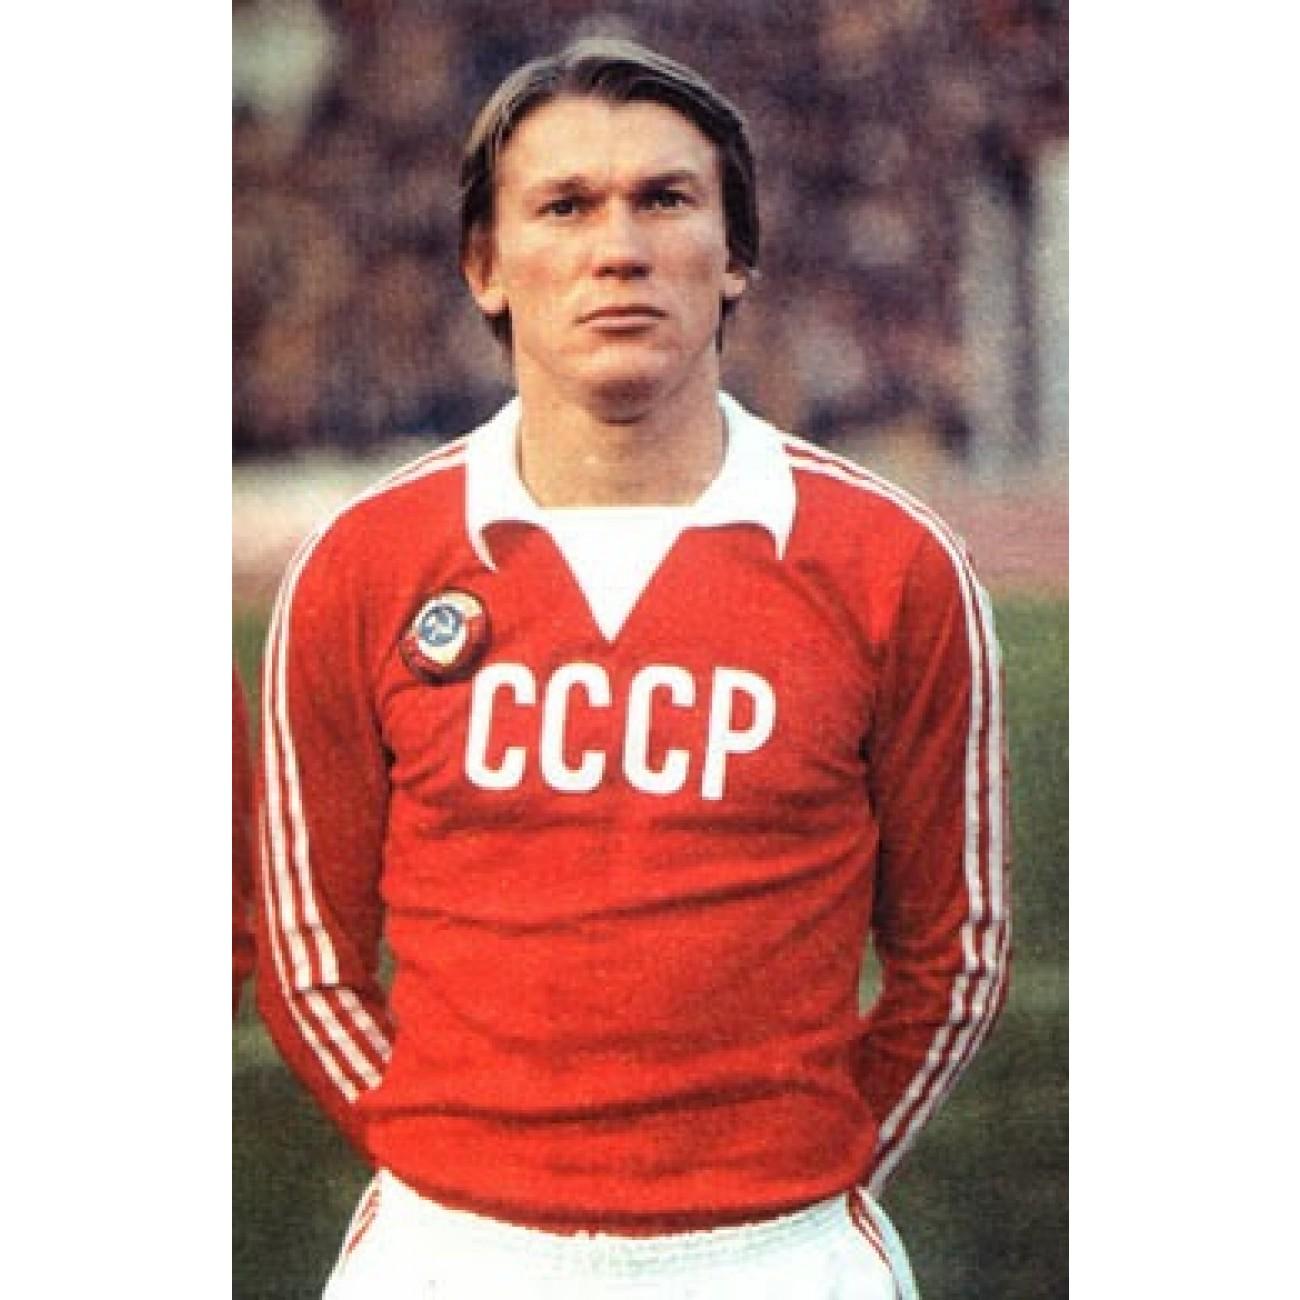 Maglia Unione Sovietica (CCCP) anni 80 f0be04bf4